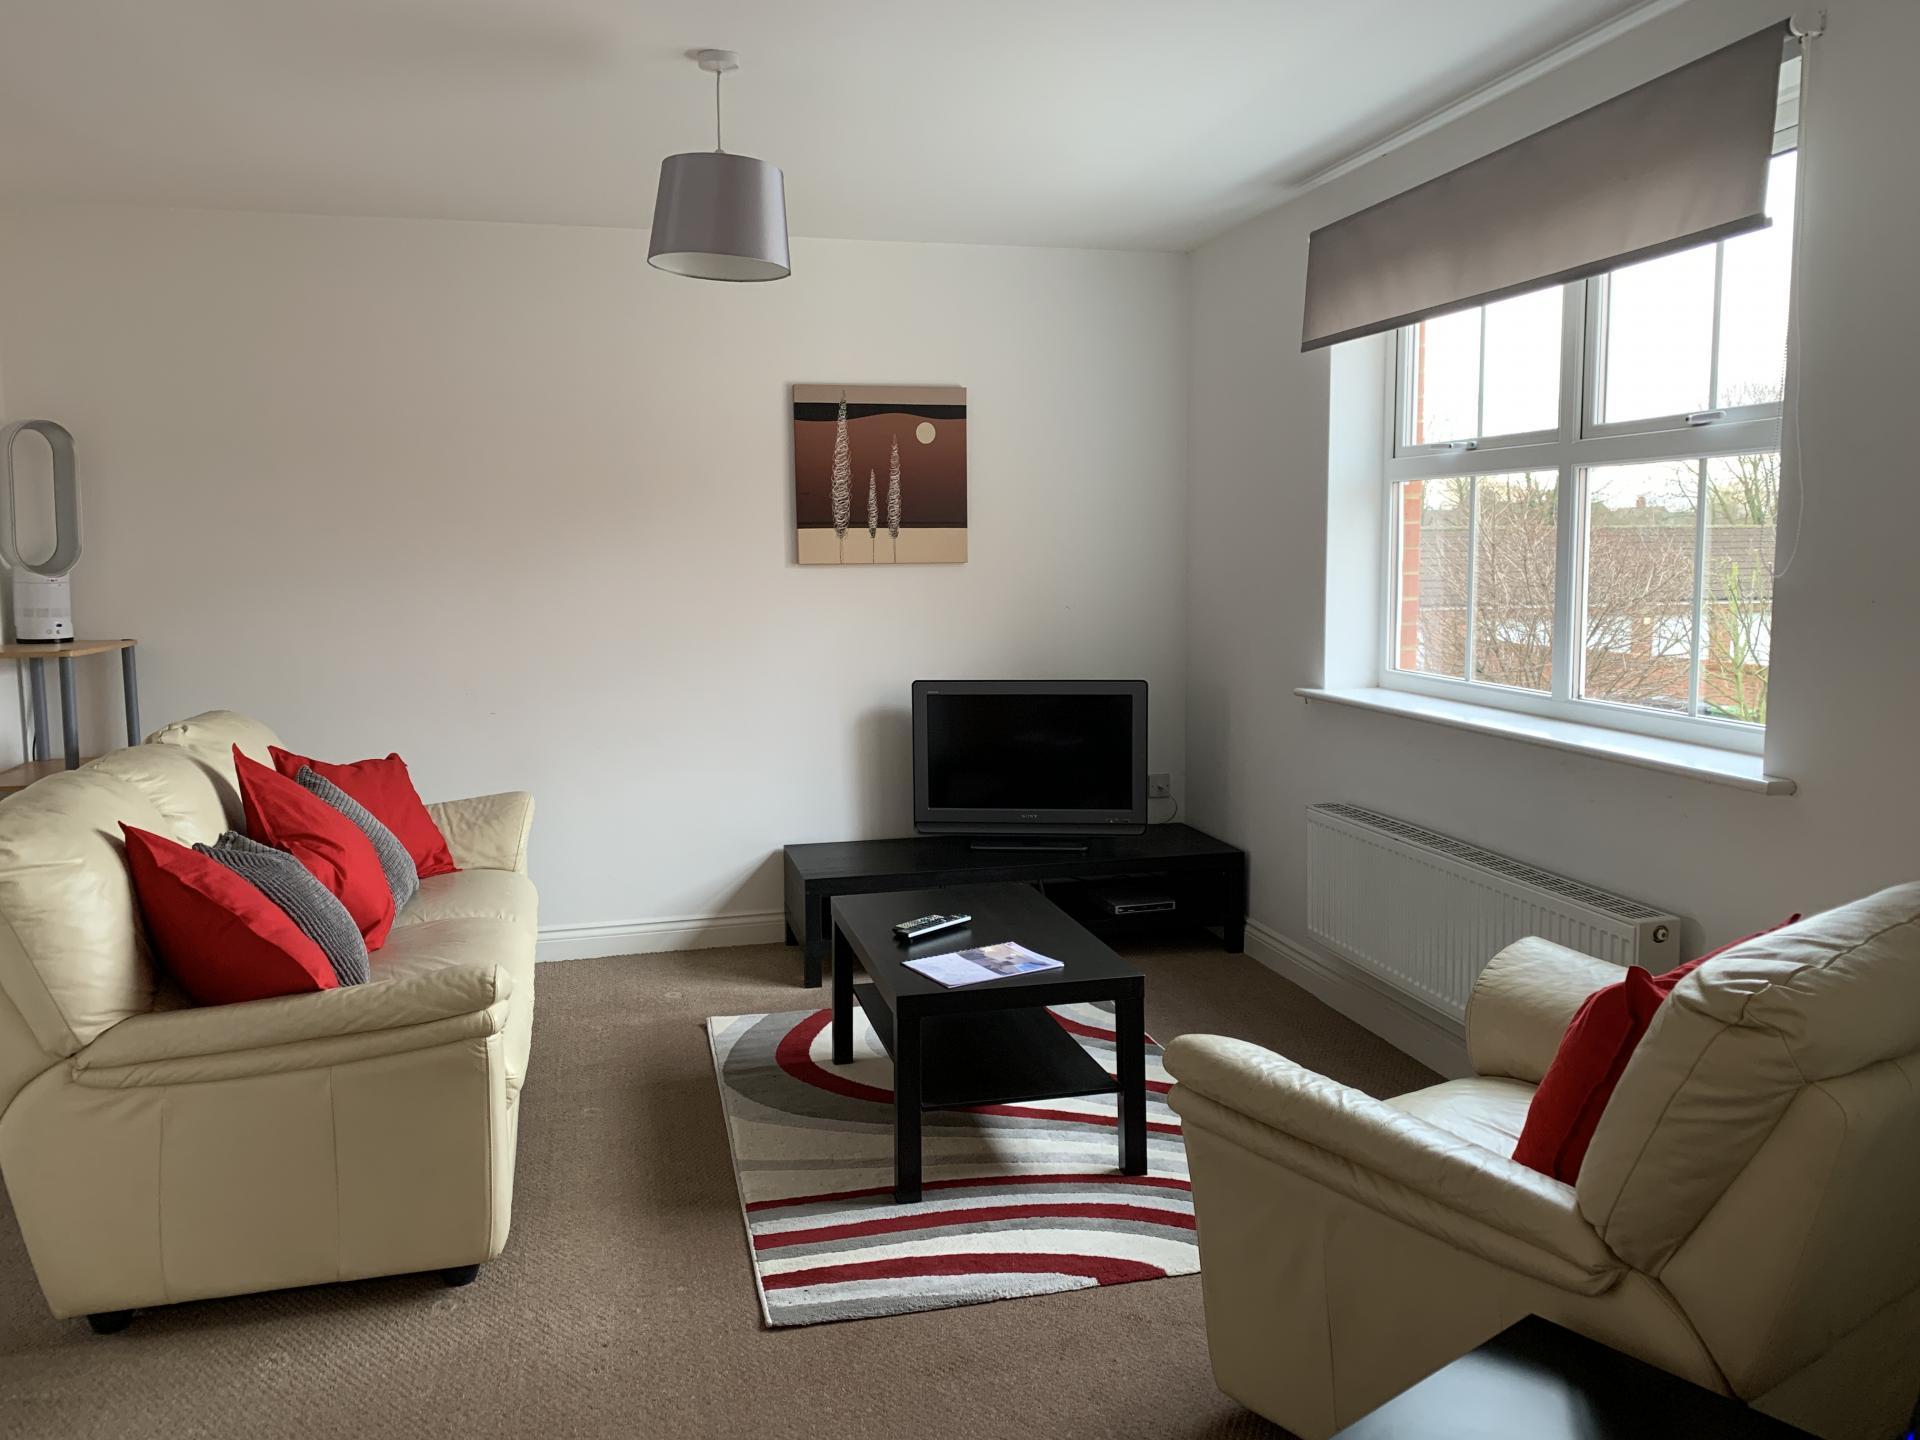 Sofa at Deer Valley Apartment, Centre, Peterborough